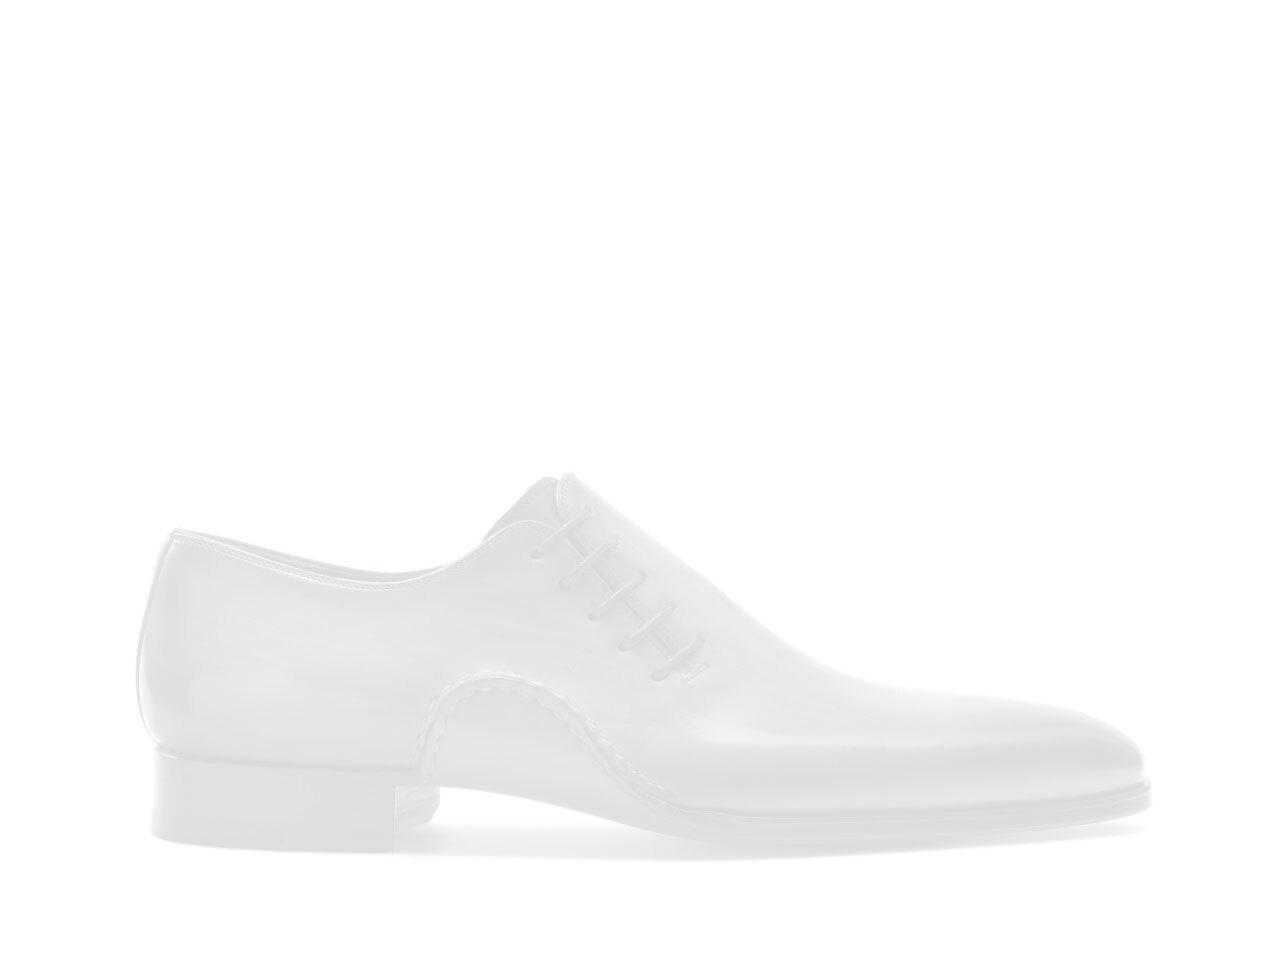 Sole of the Magnanni Basilio Lo White Men's Sneakers